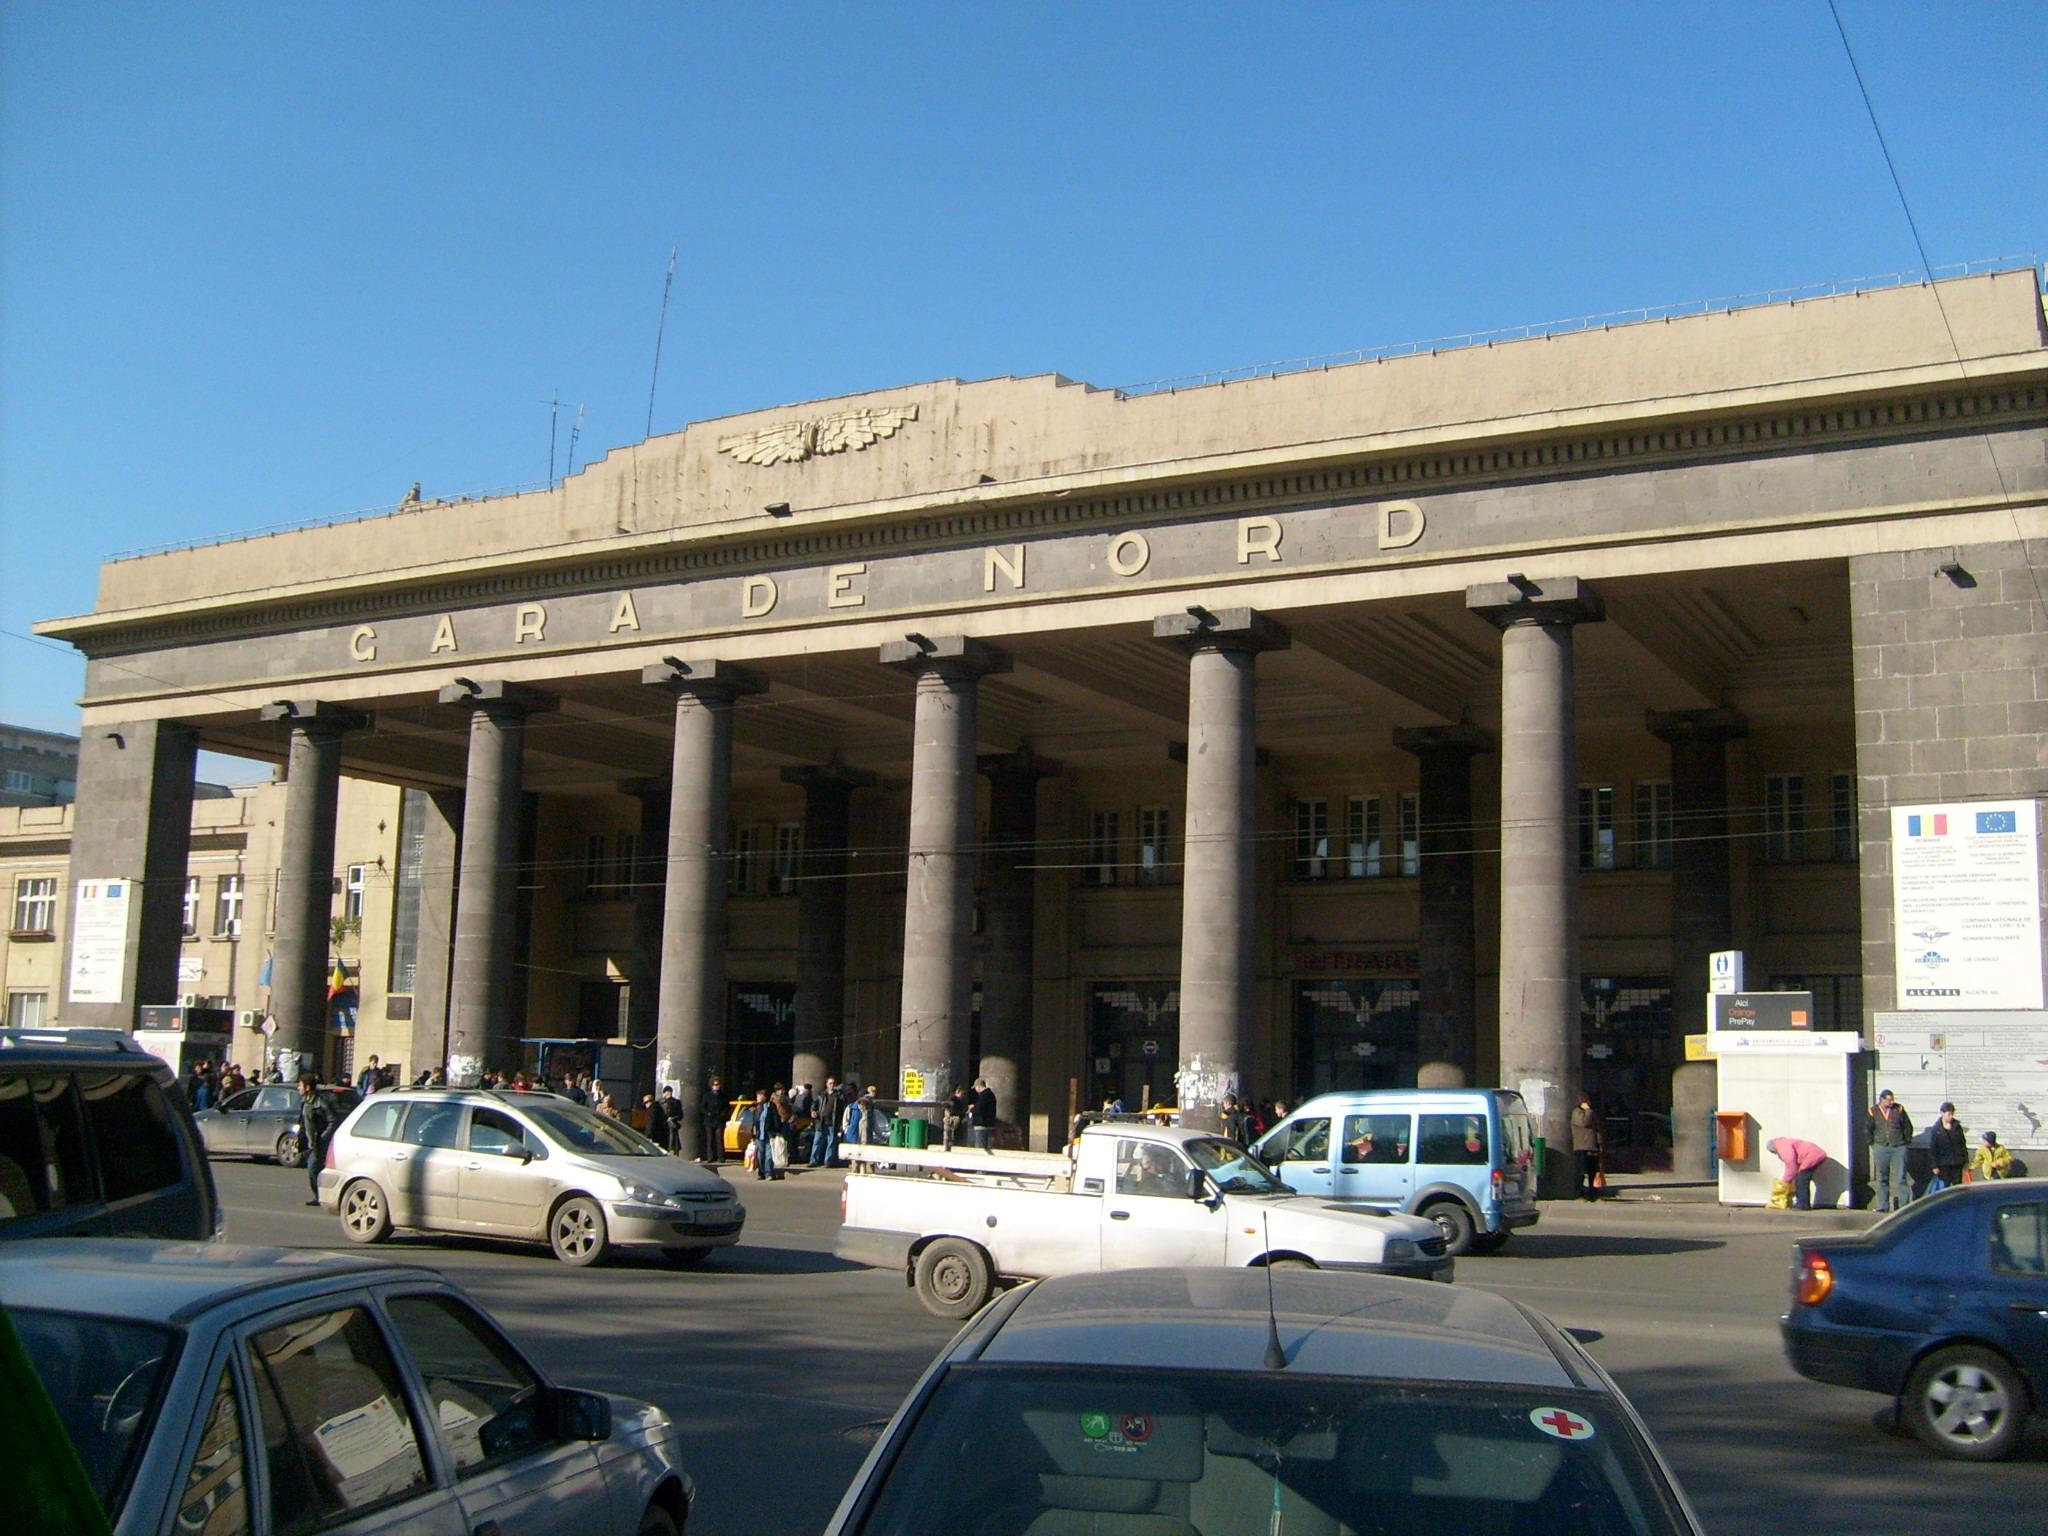 Vești bune pentru bucureștenii cu dor de mare. CFR Călători va suplimenta numărul de vagoane al trenurilor care pleacă din Gara de Nord